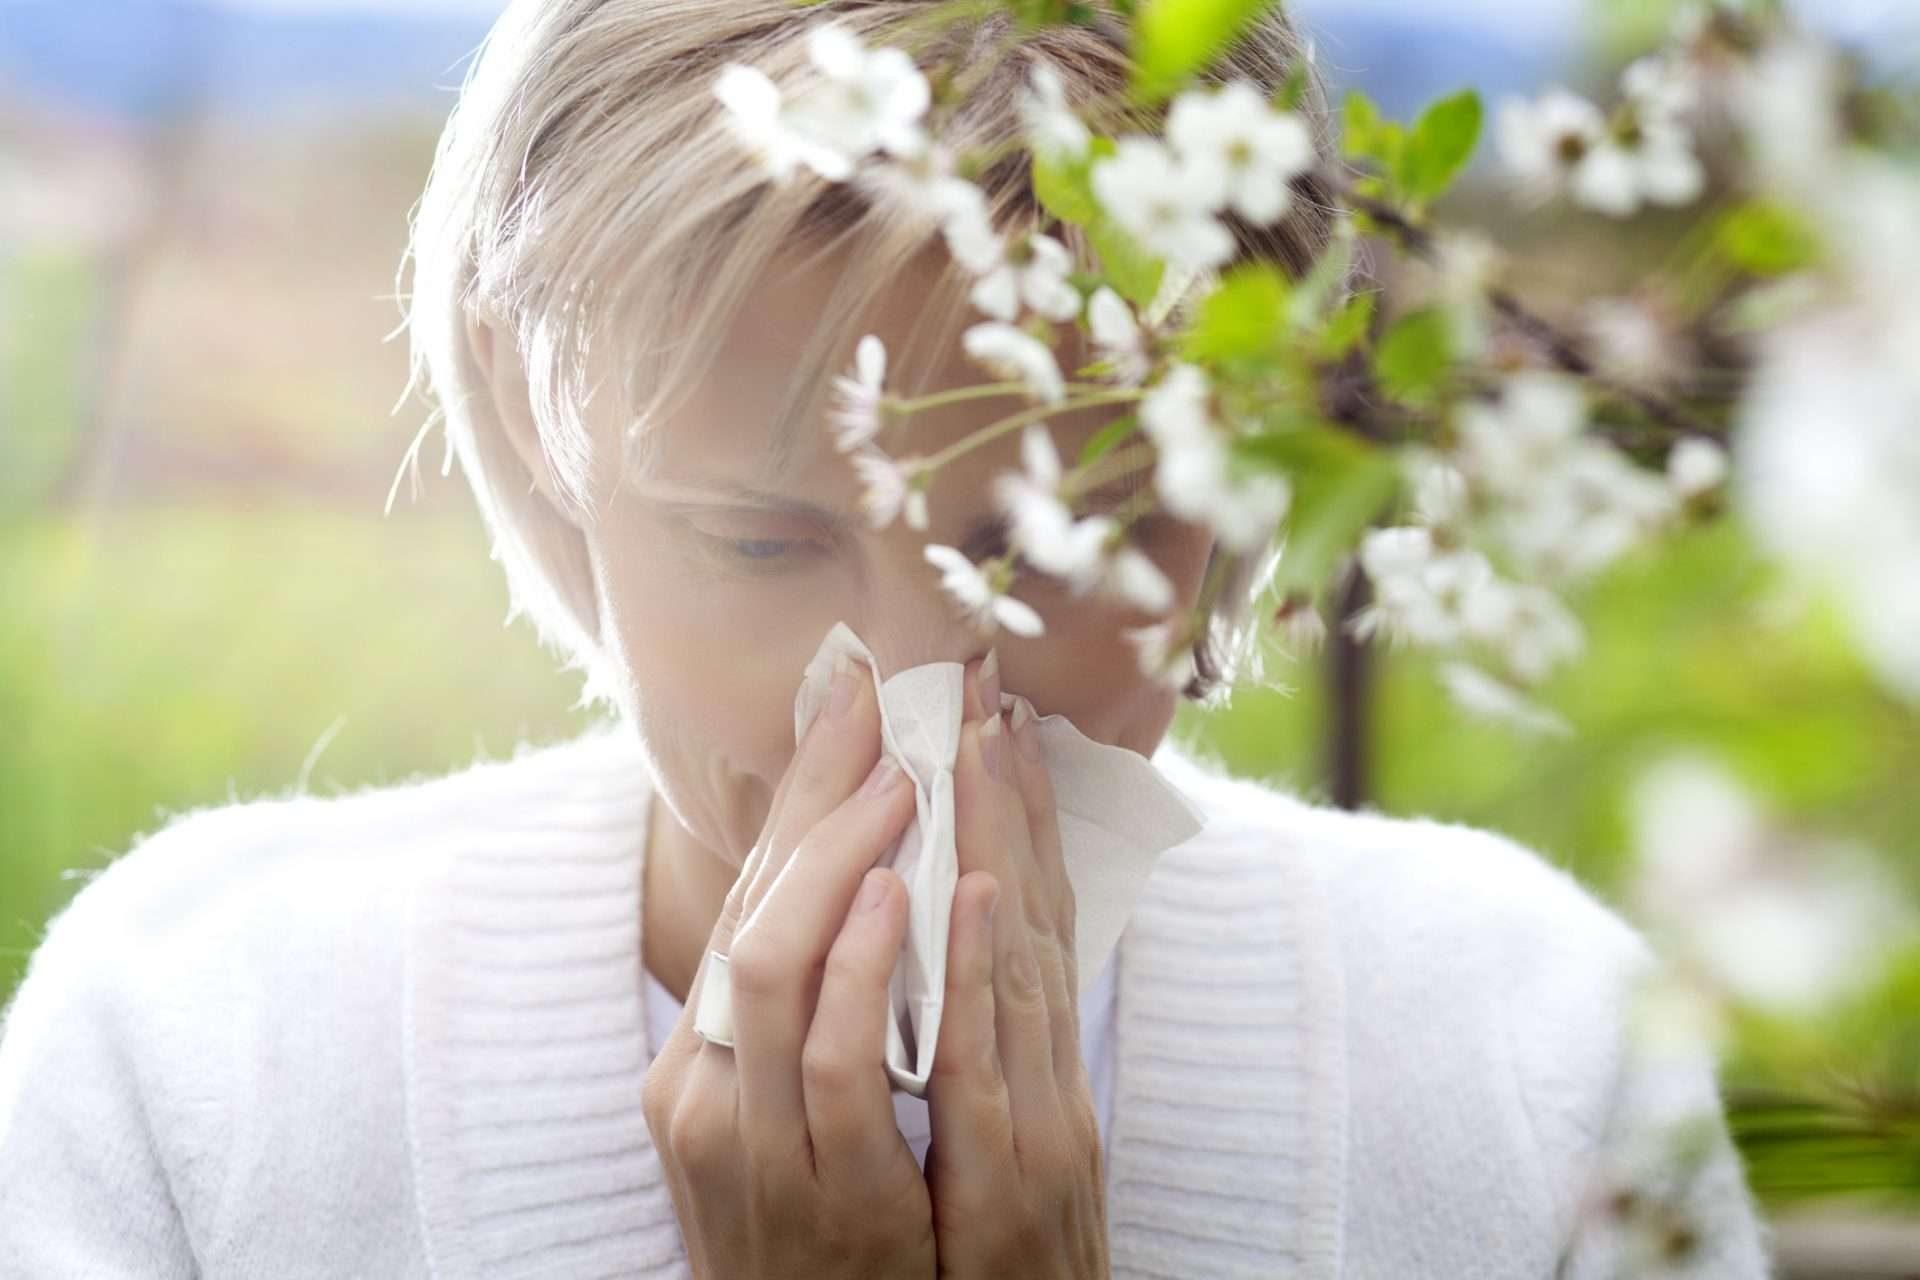 jonk tegen astma en allergie